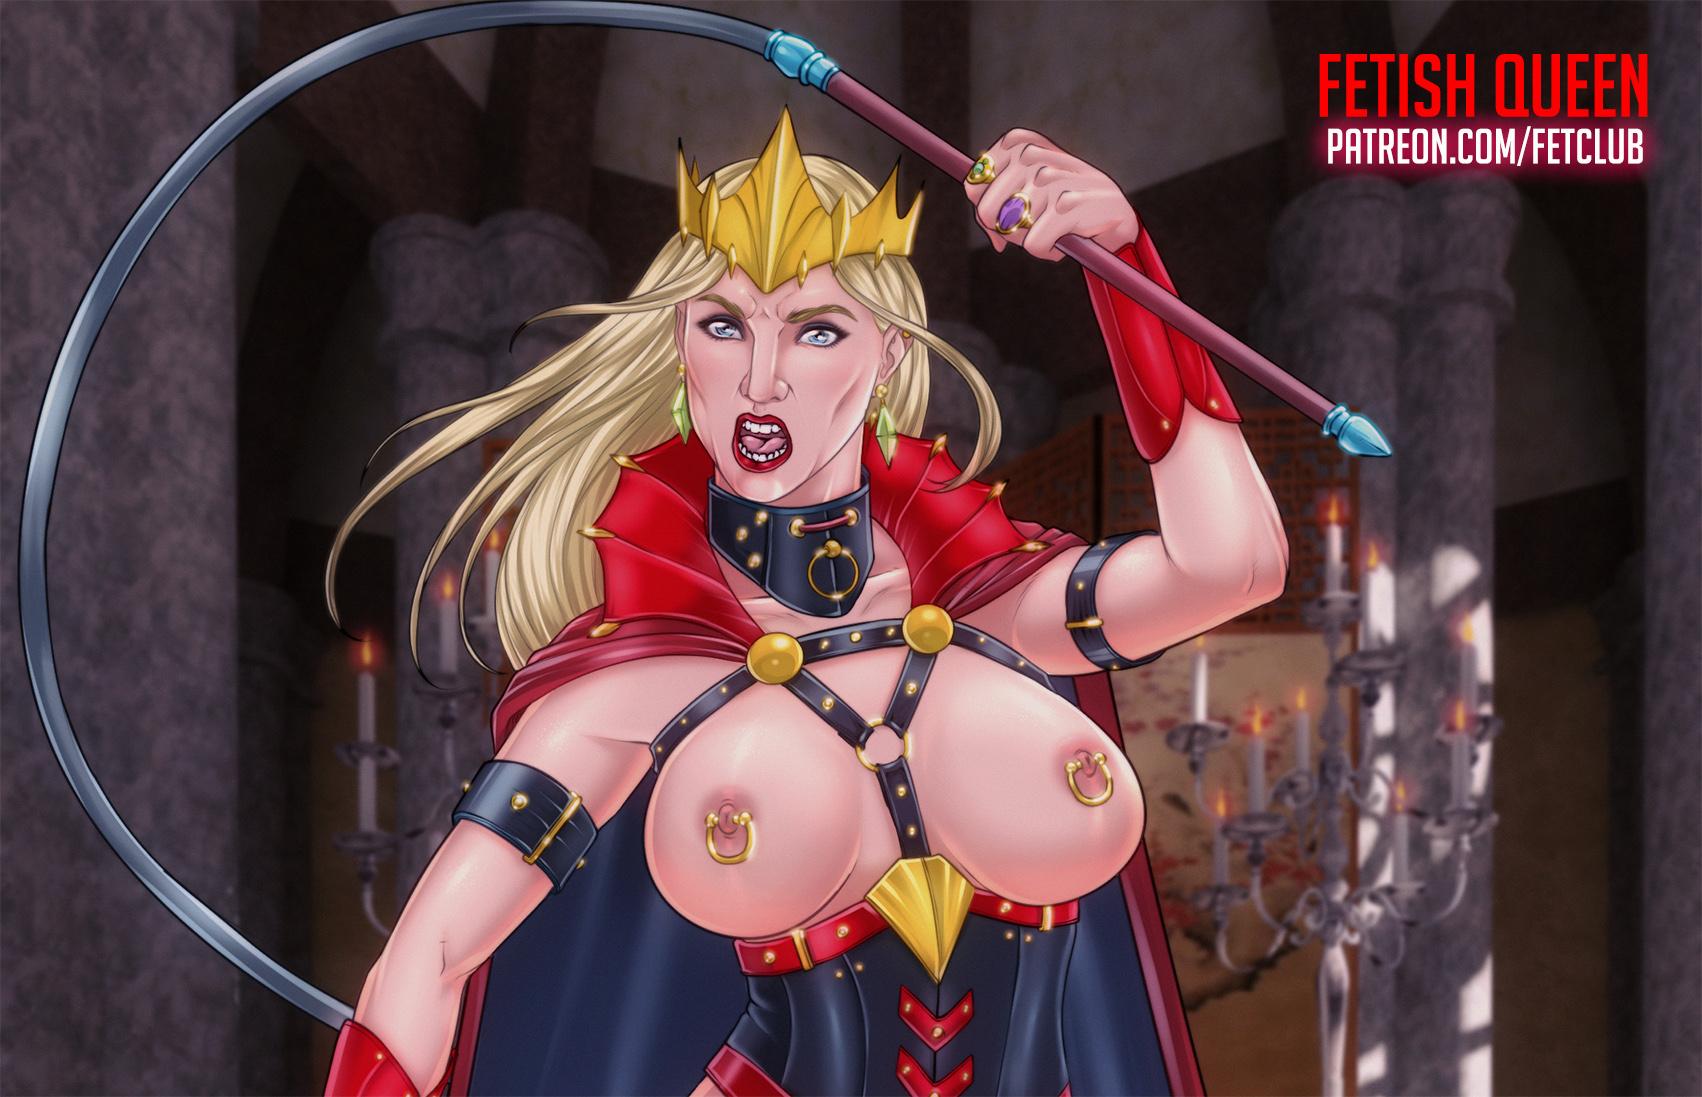 Fetish Queen